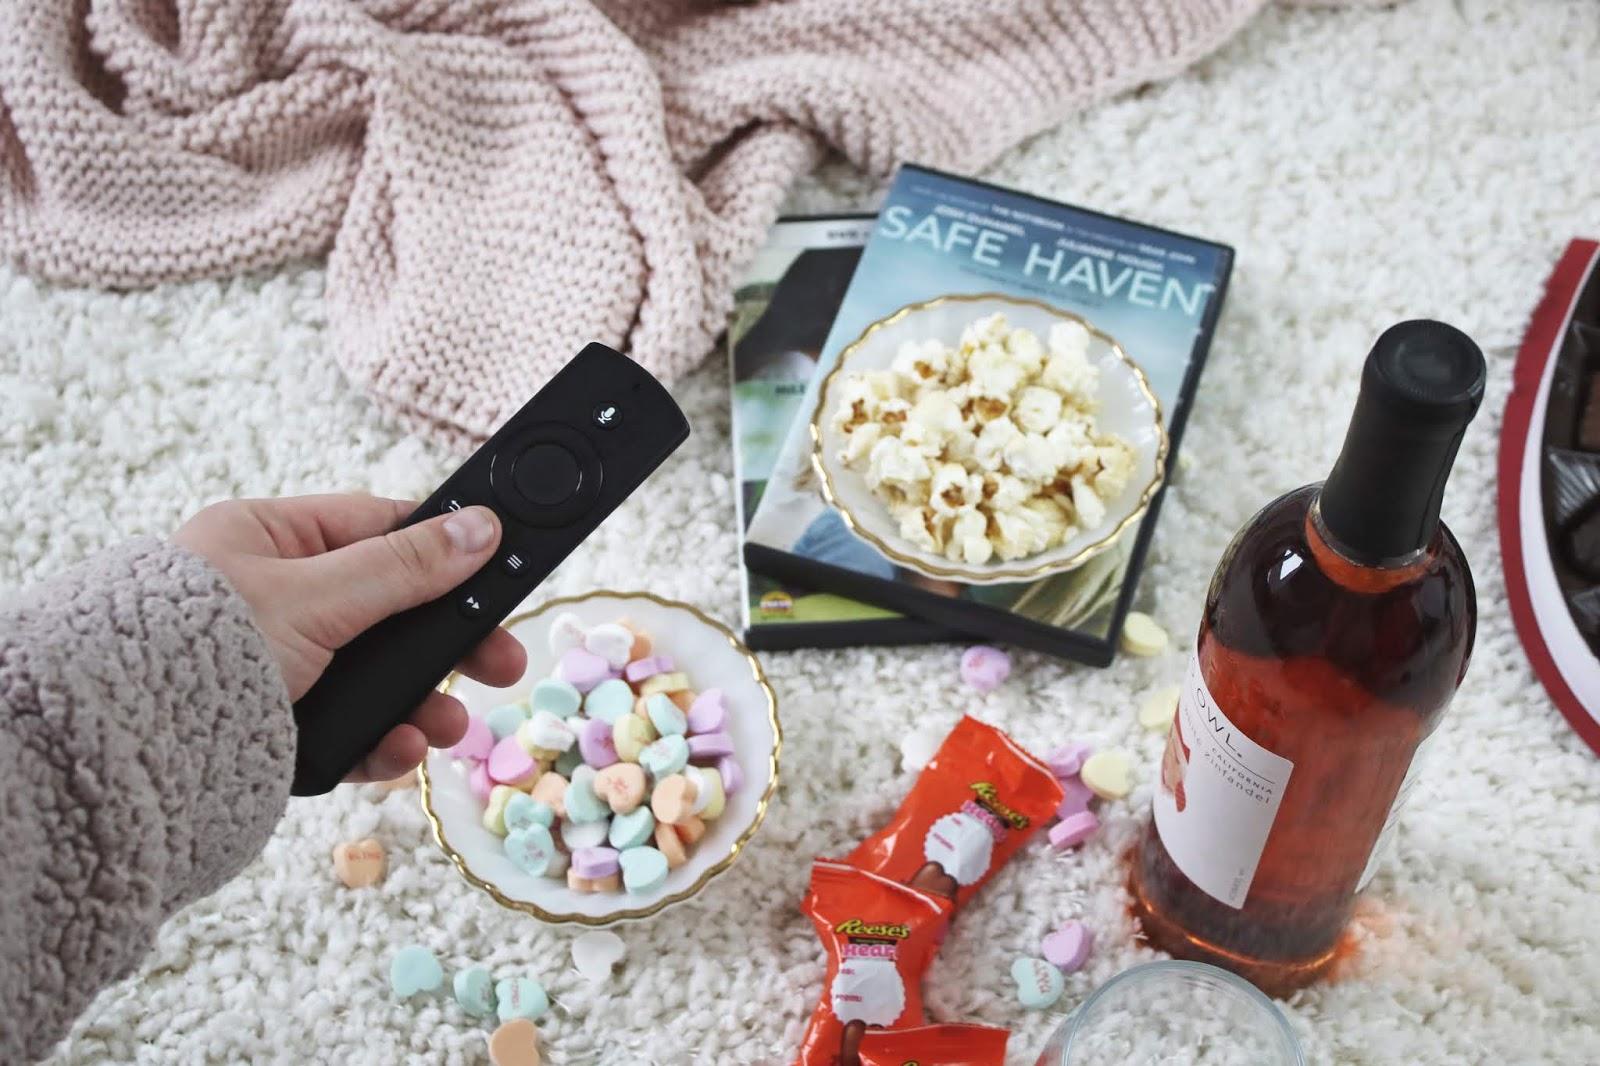 Valentine's Day, Cheap Valentine's Day Dates, Valentine's Day Date Ideas, Galentine's Acitivites, What to do on Valentine's Day, Date Ideas, Unique Date Ideas, College Blogger